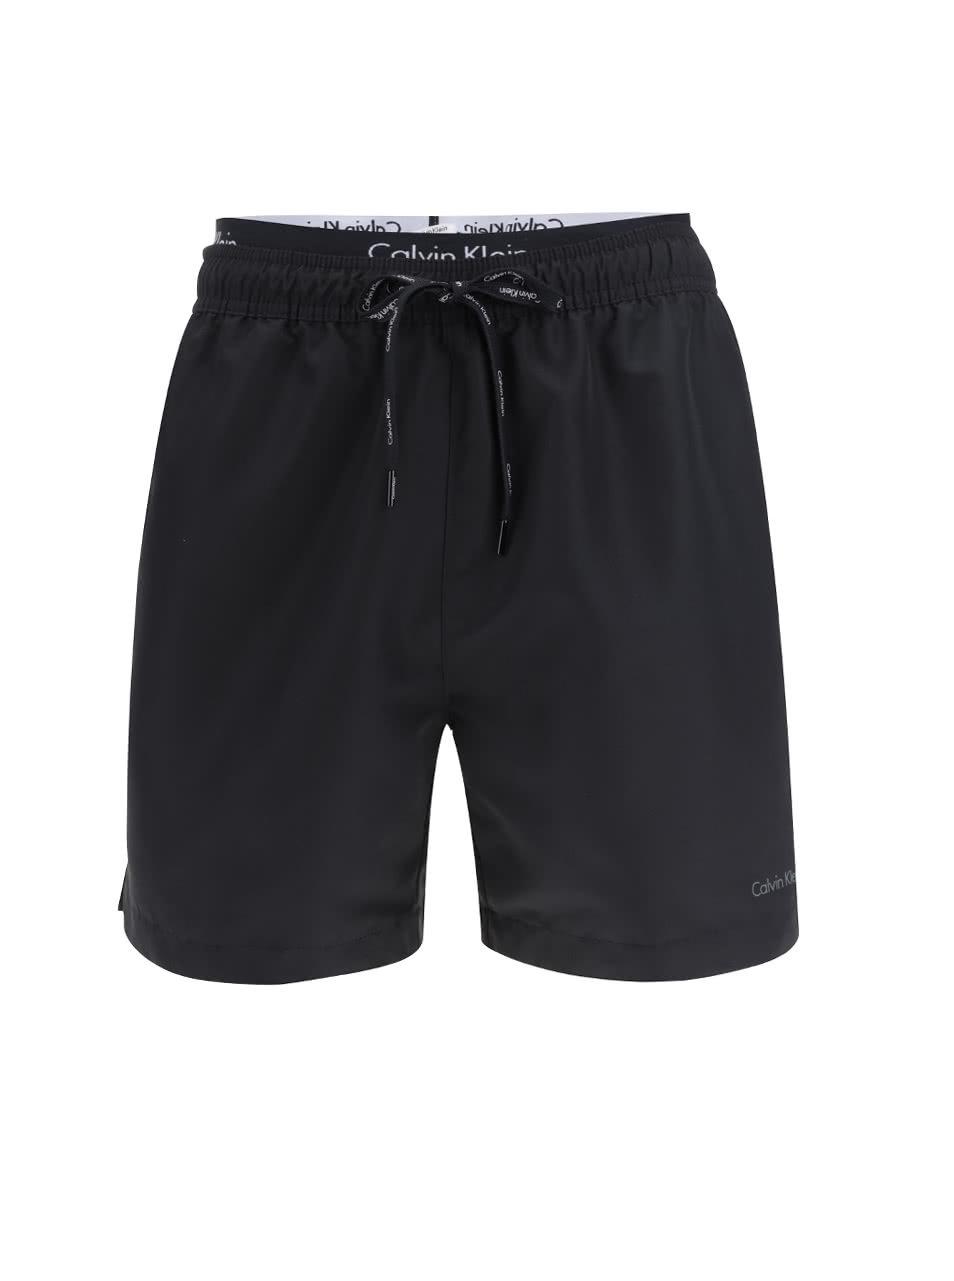 7083f2aef Čierne pánske plavky Calvin Klein | ZOOT.sk